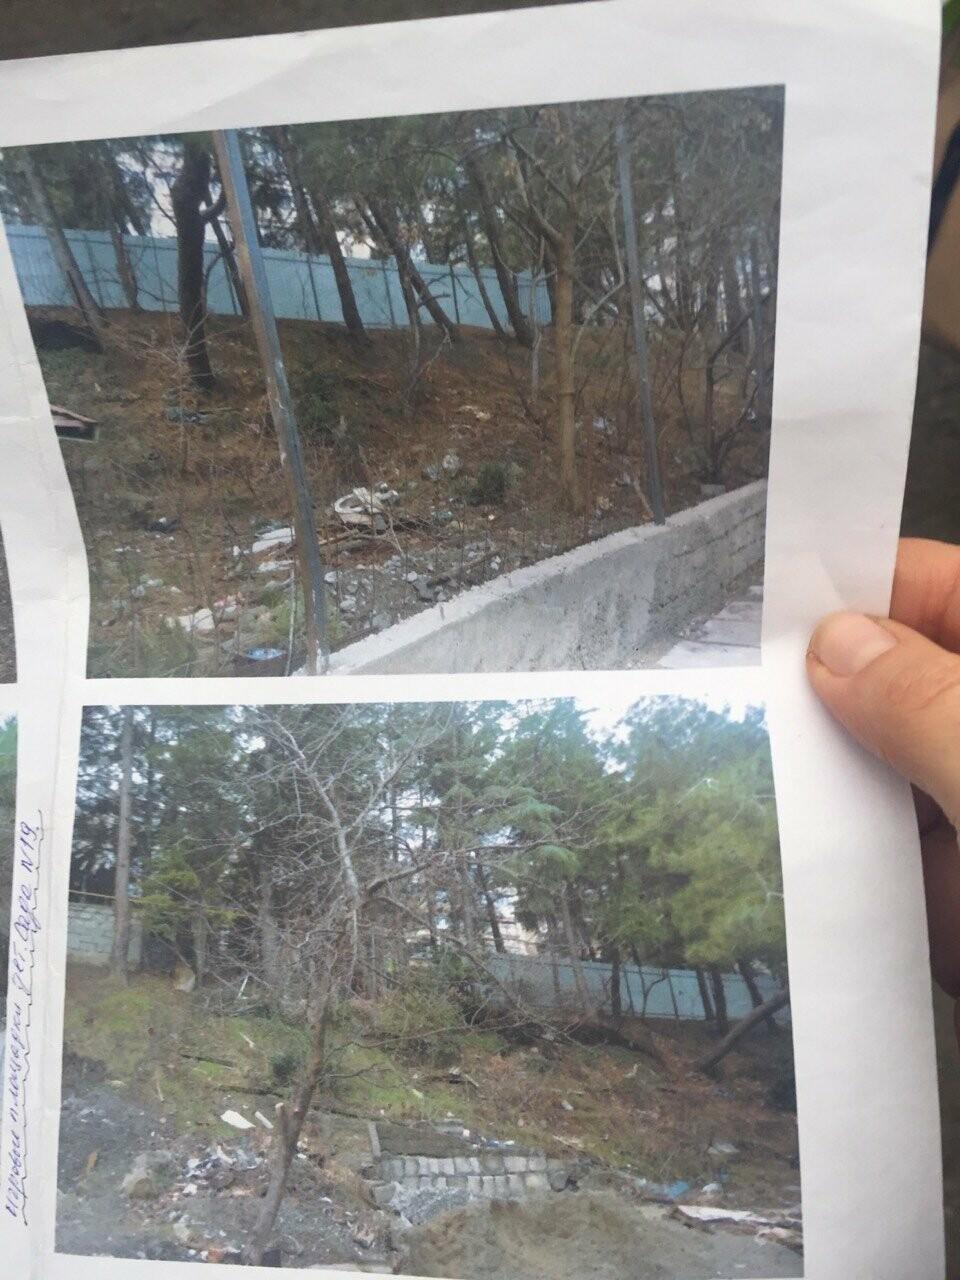 Жители Ялты возмущены строительством на склоне в районе улицы Мисхорская, фото-4